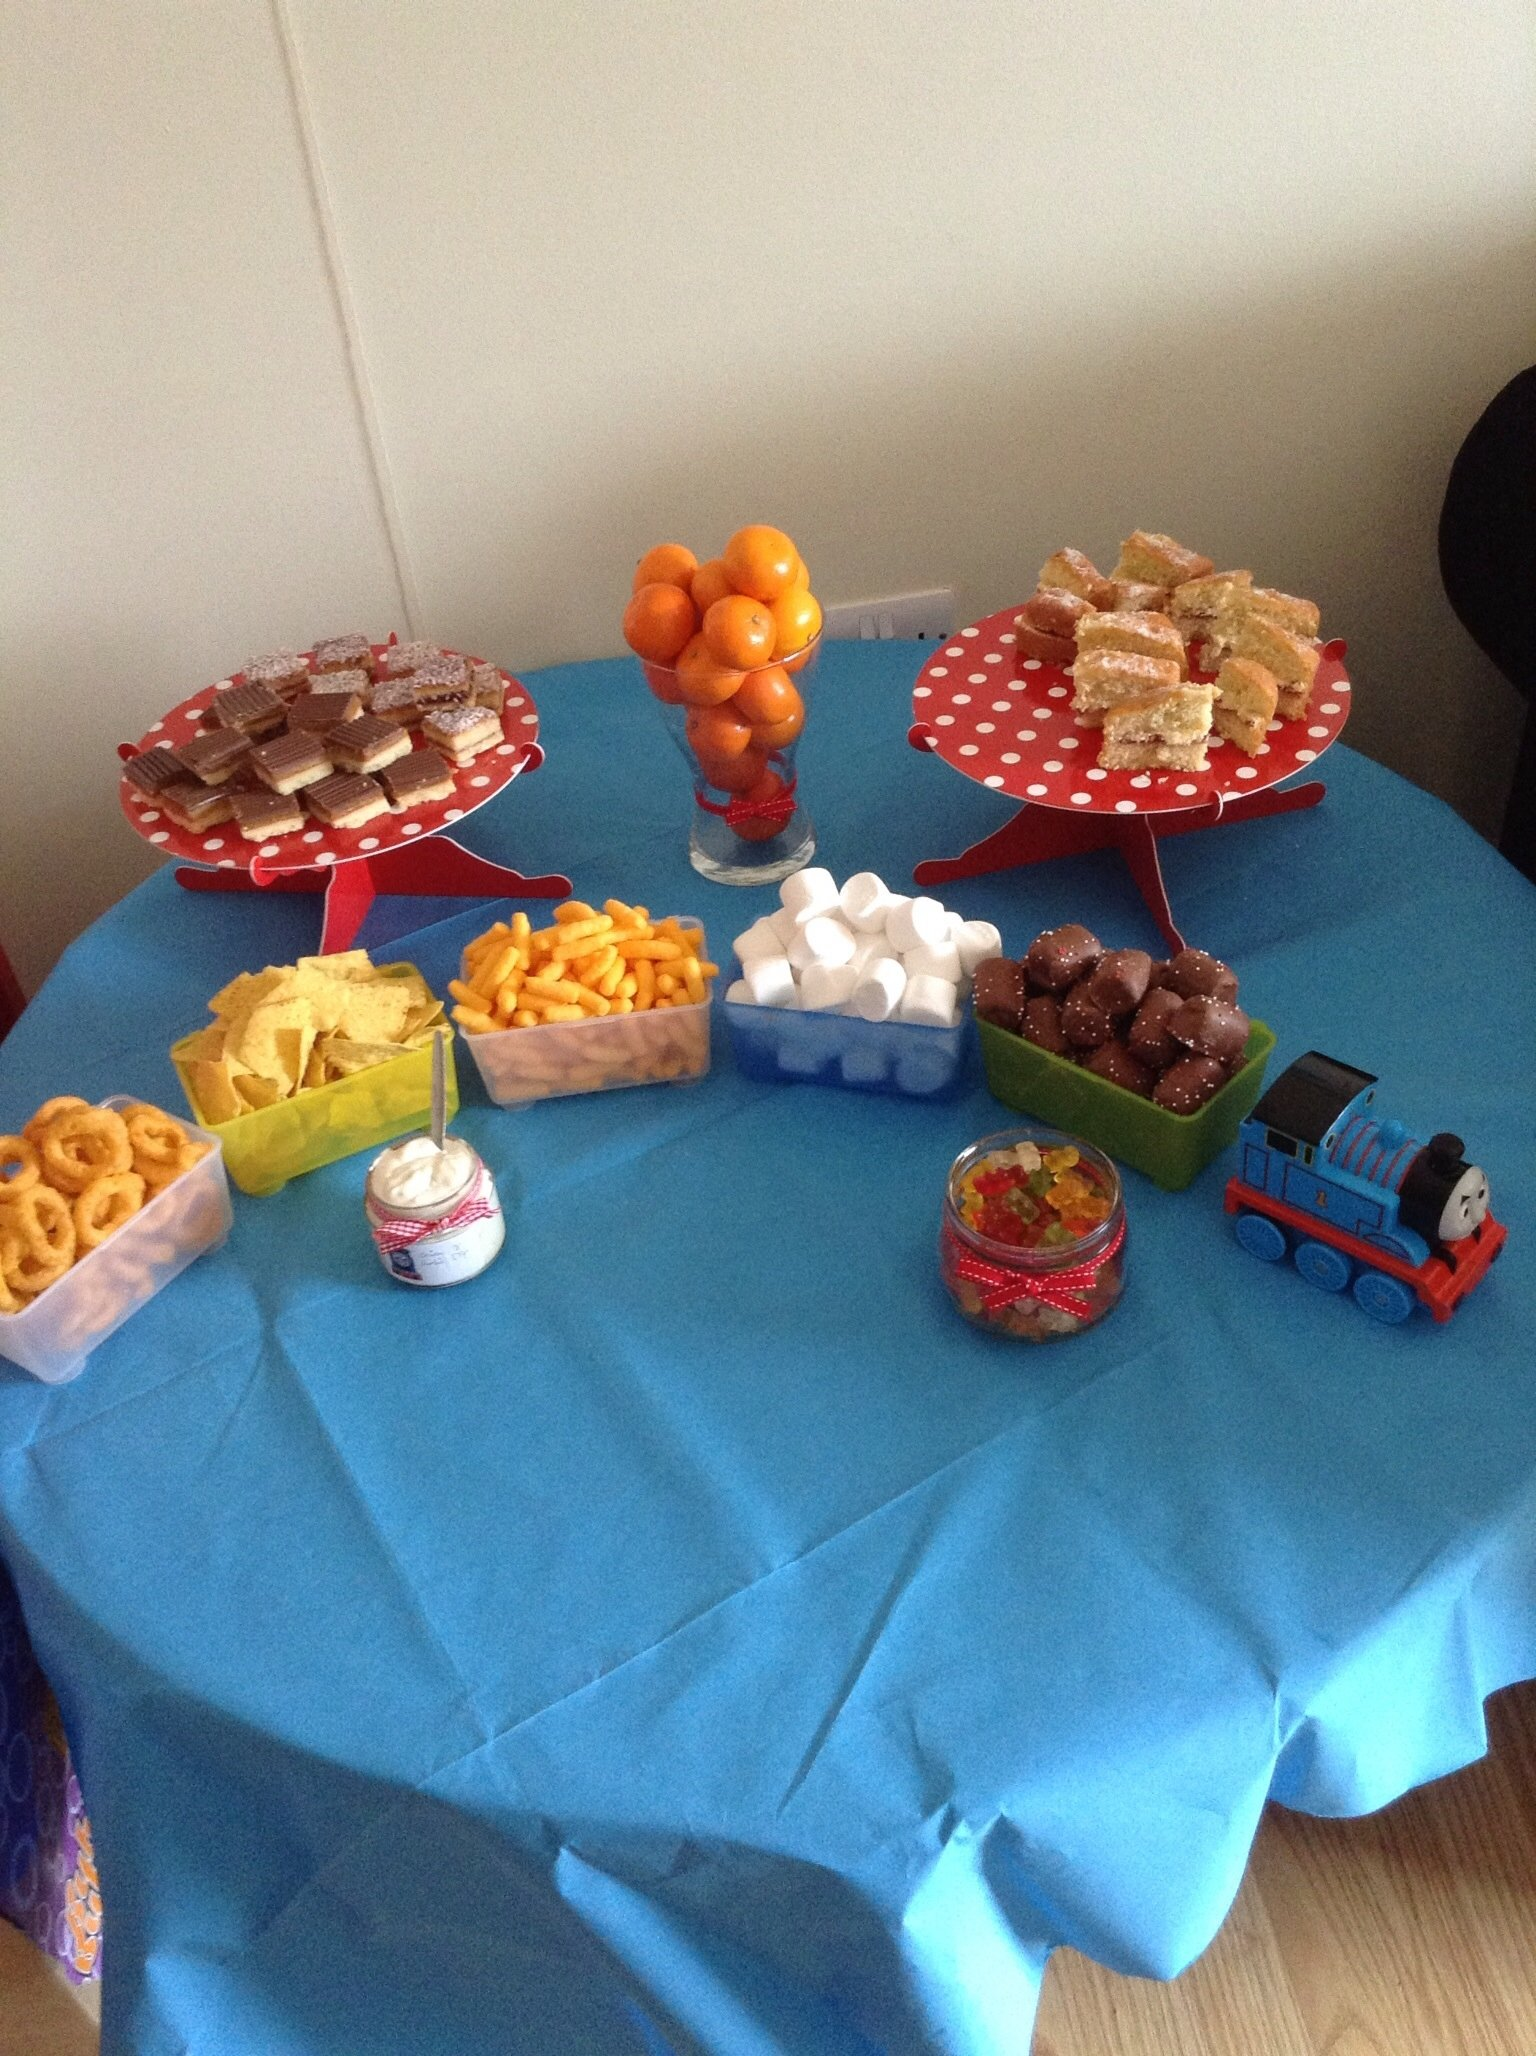 10 Fabulous Thomas The Train Party Food Ideas snack table thomas tank engine party thomas ideas pinterest 2021